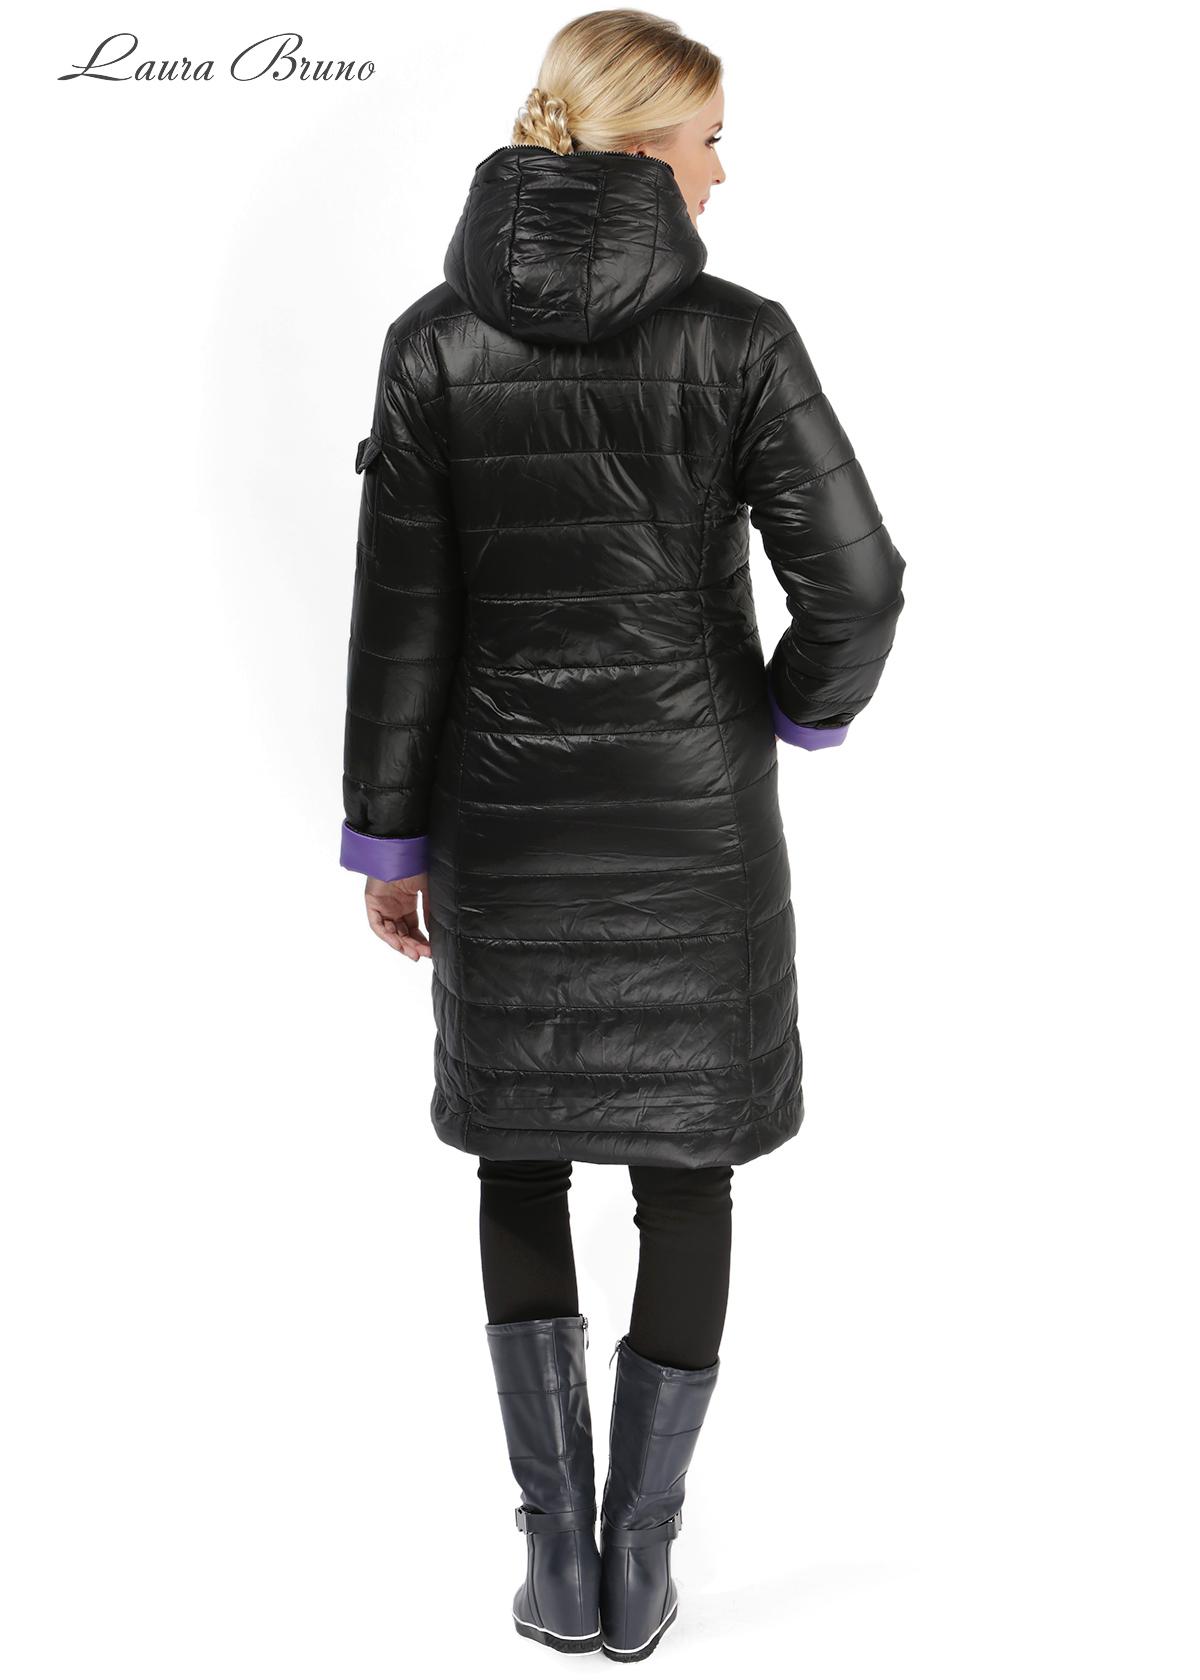 Где купить куртку для беременных